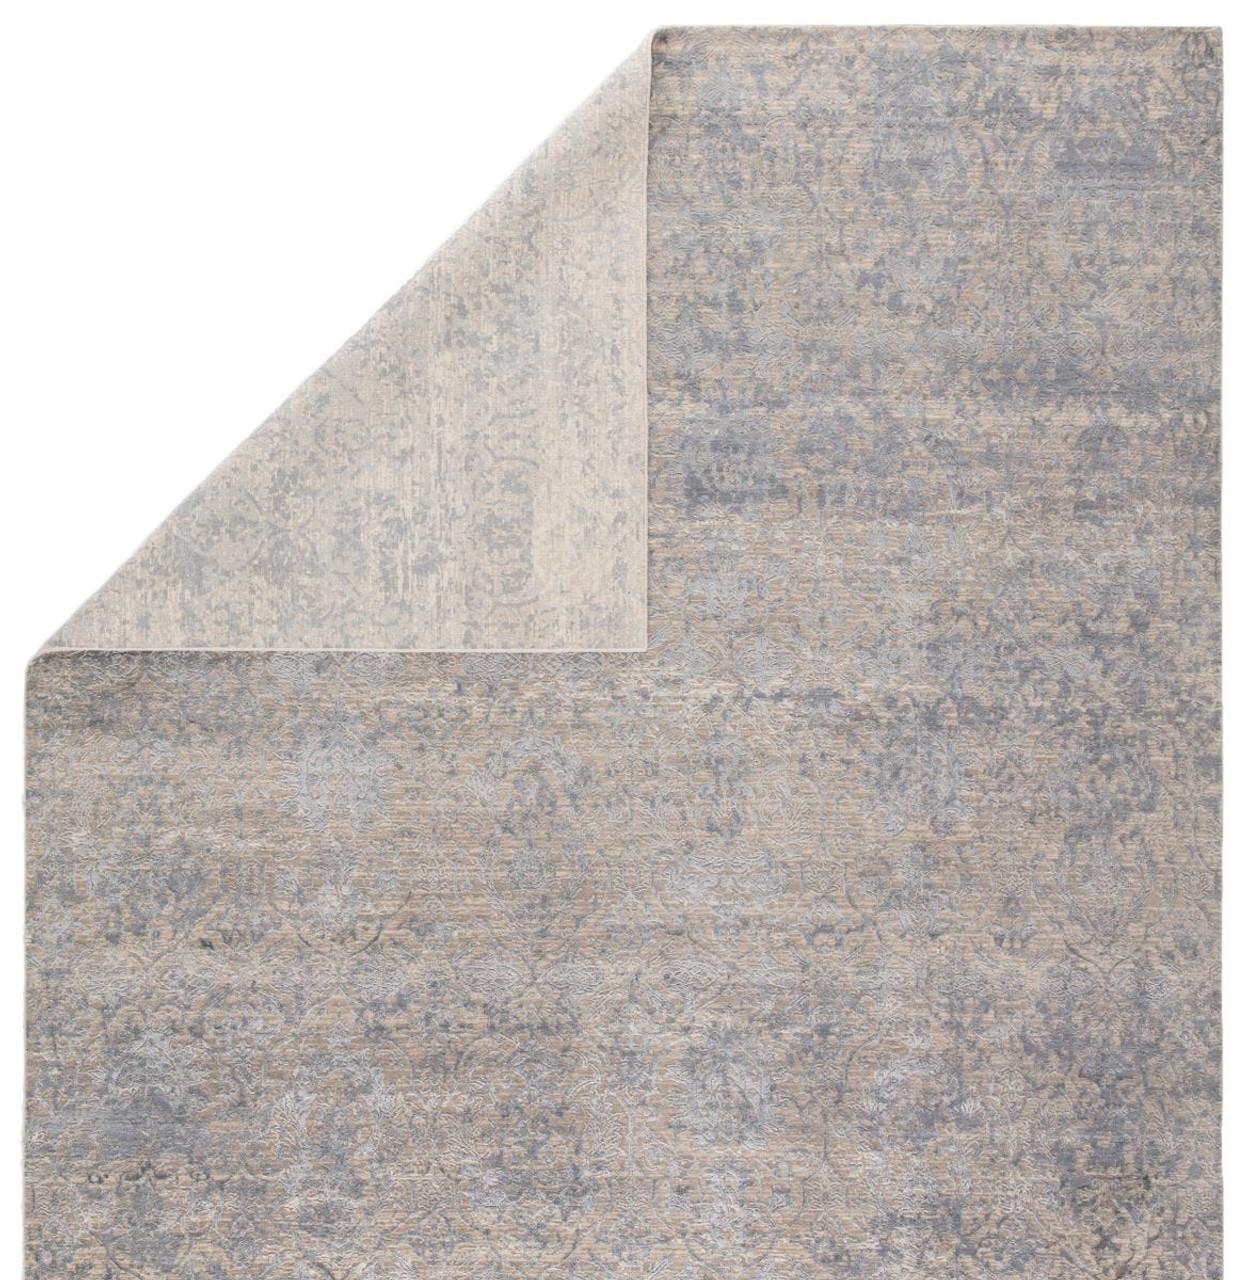 Chaos Slate Sand Theory by Kavi